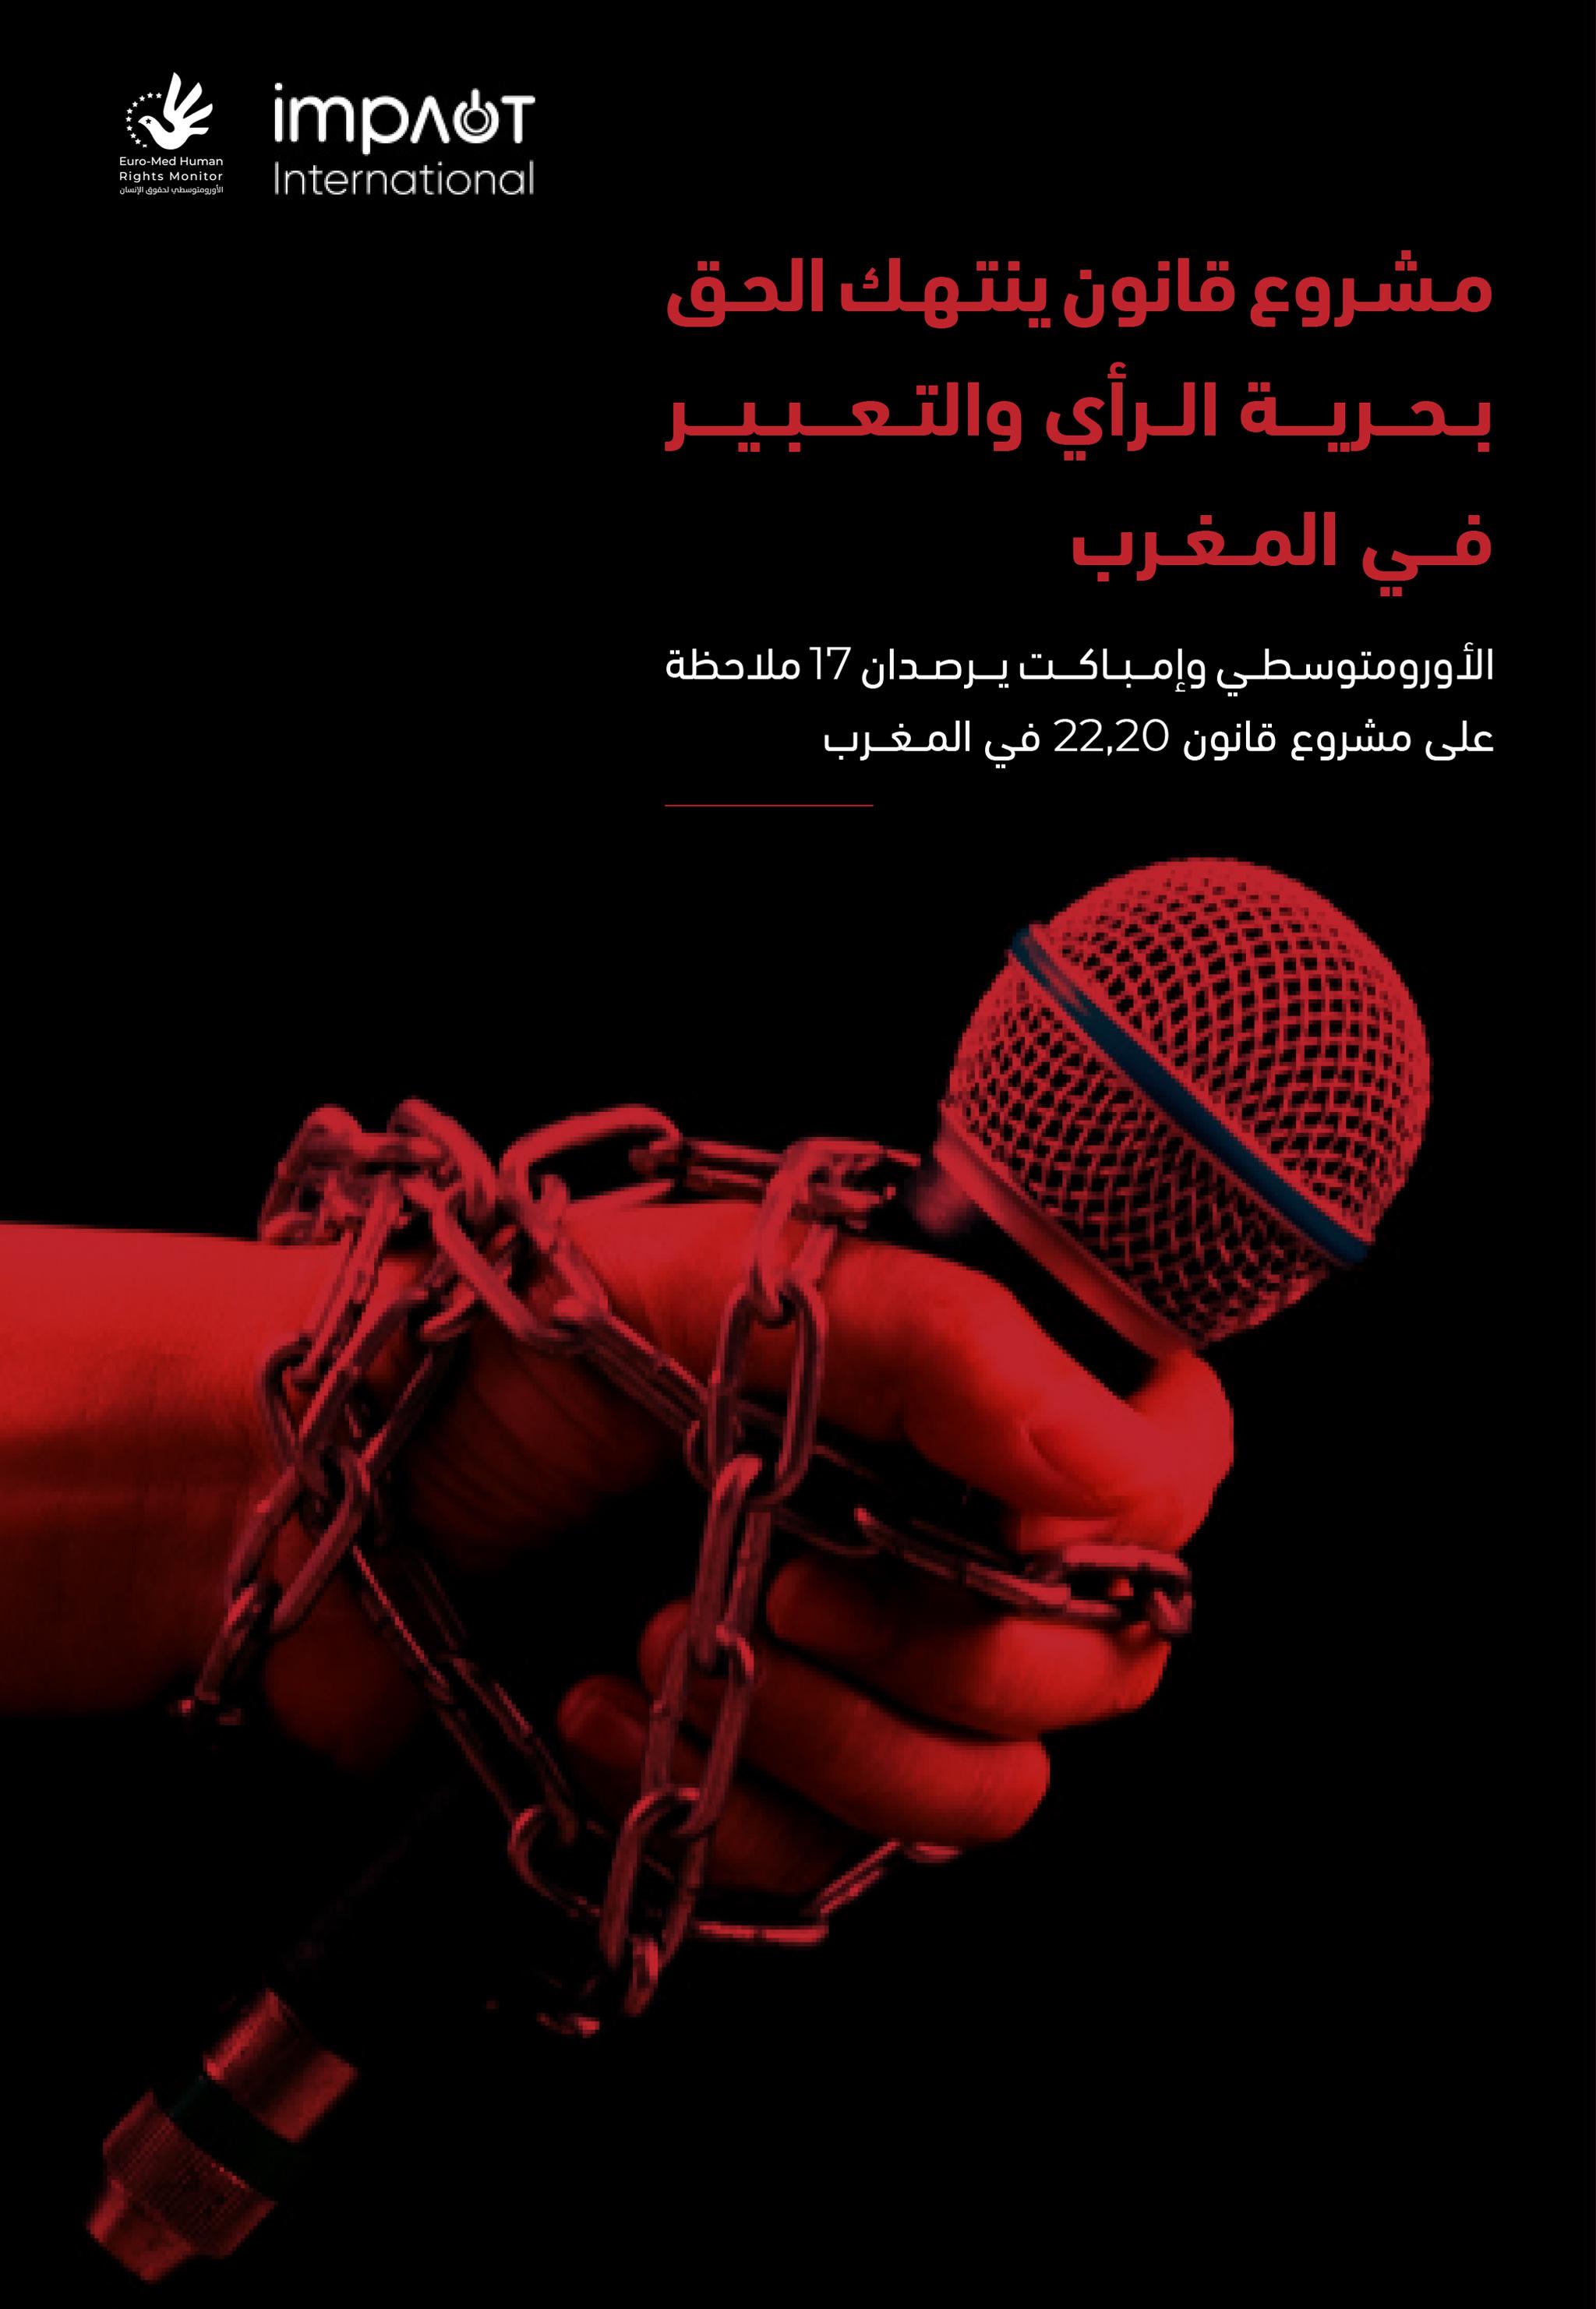 الأورومتوسطي وإمباكت في تقرير مشترك: مشروع قانون مغربي يمهد لعصرٍ من تكميم الأفواه